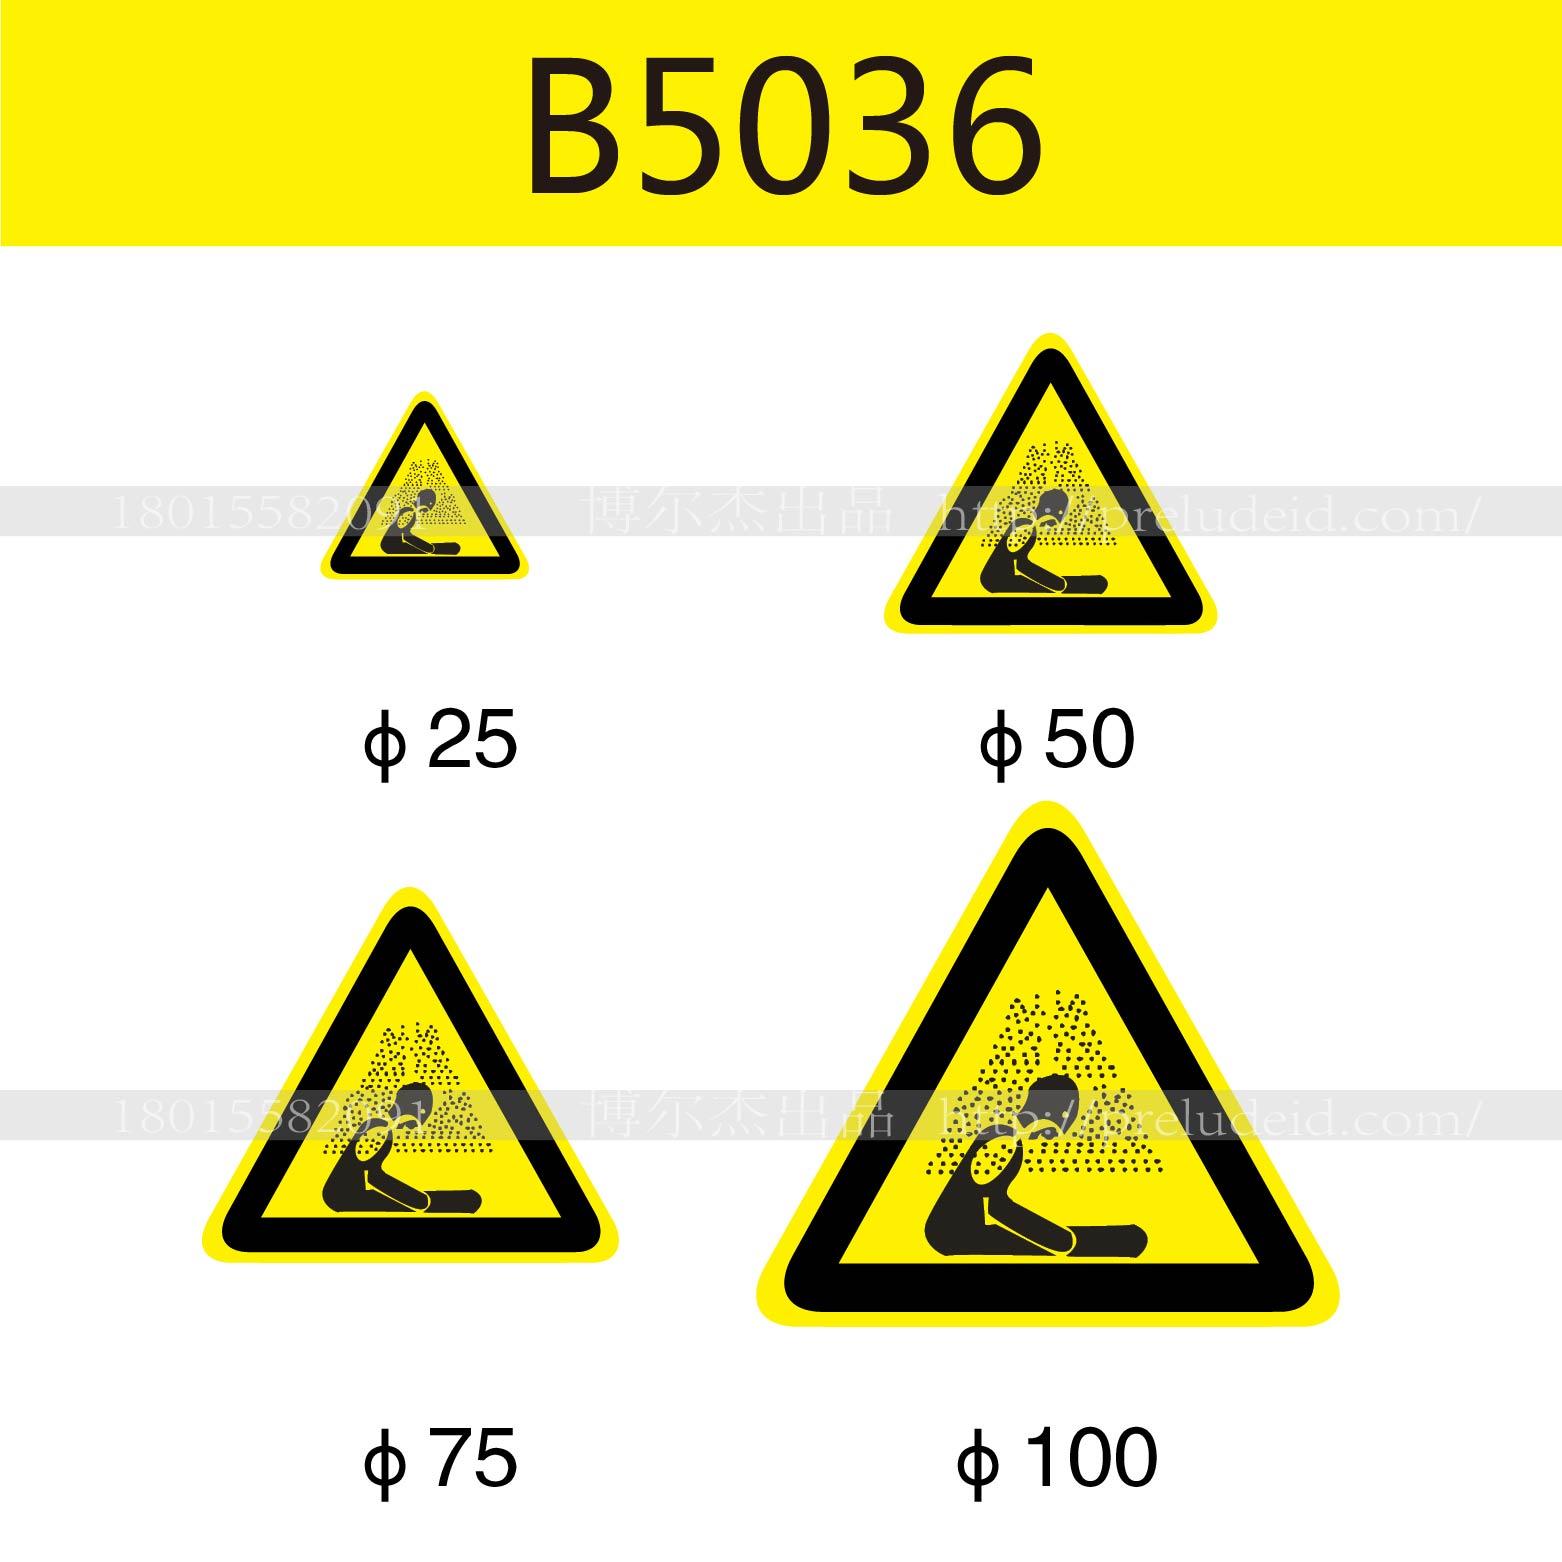 博尔杰 安全标签  安全标语牌 安全标语贴 标识厂家 丝印标签 安全标示牌 B5036